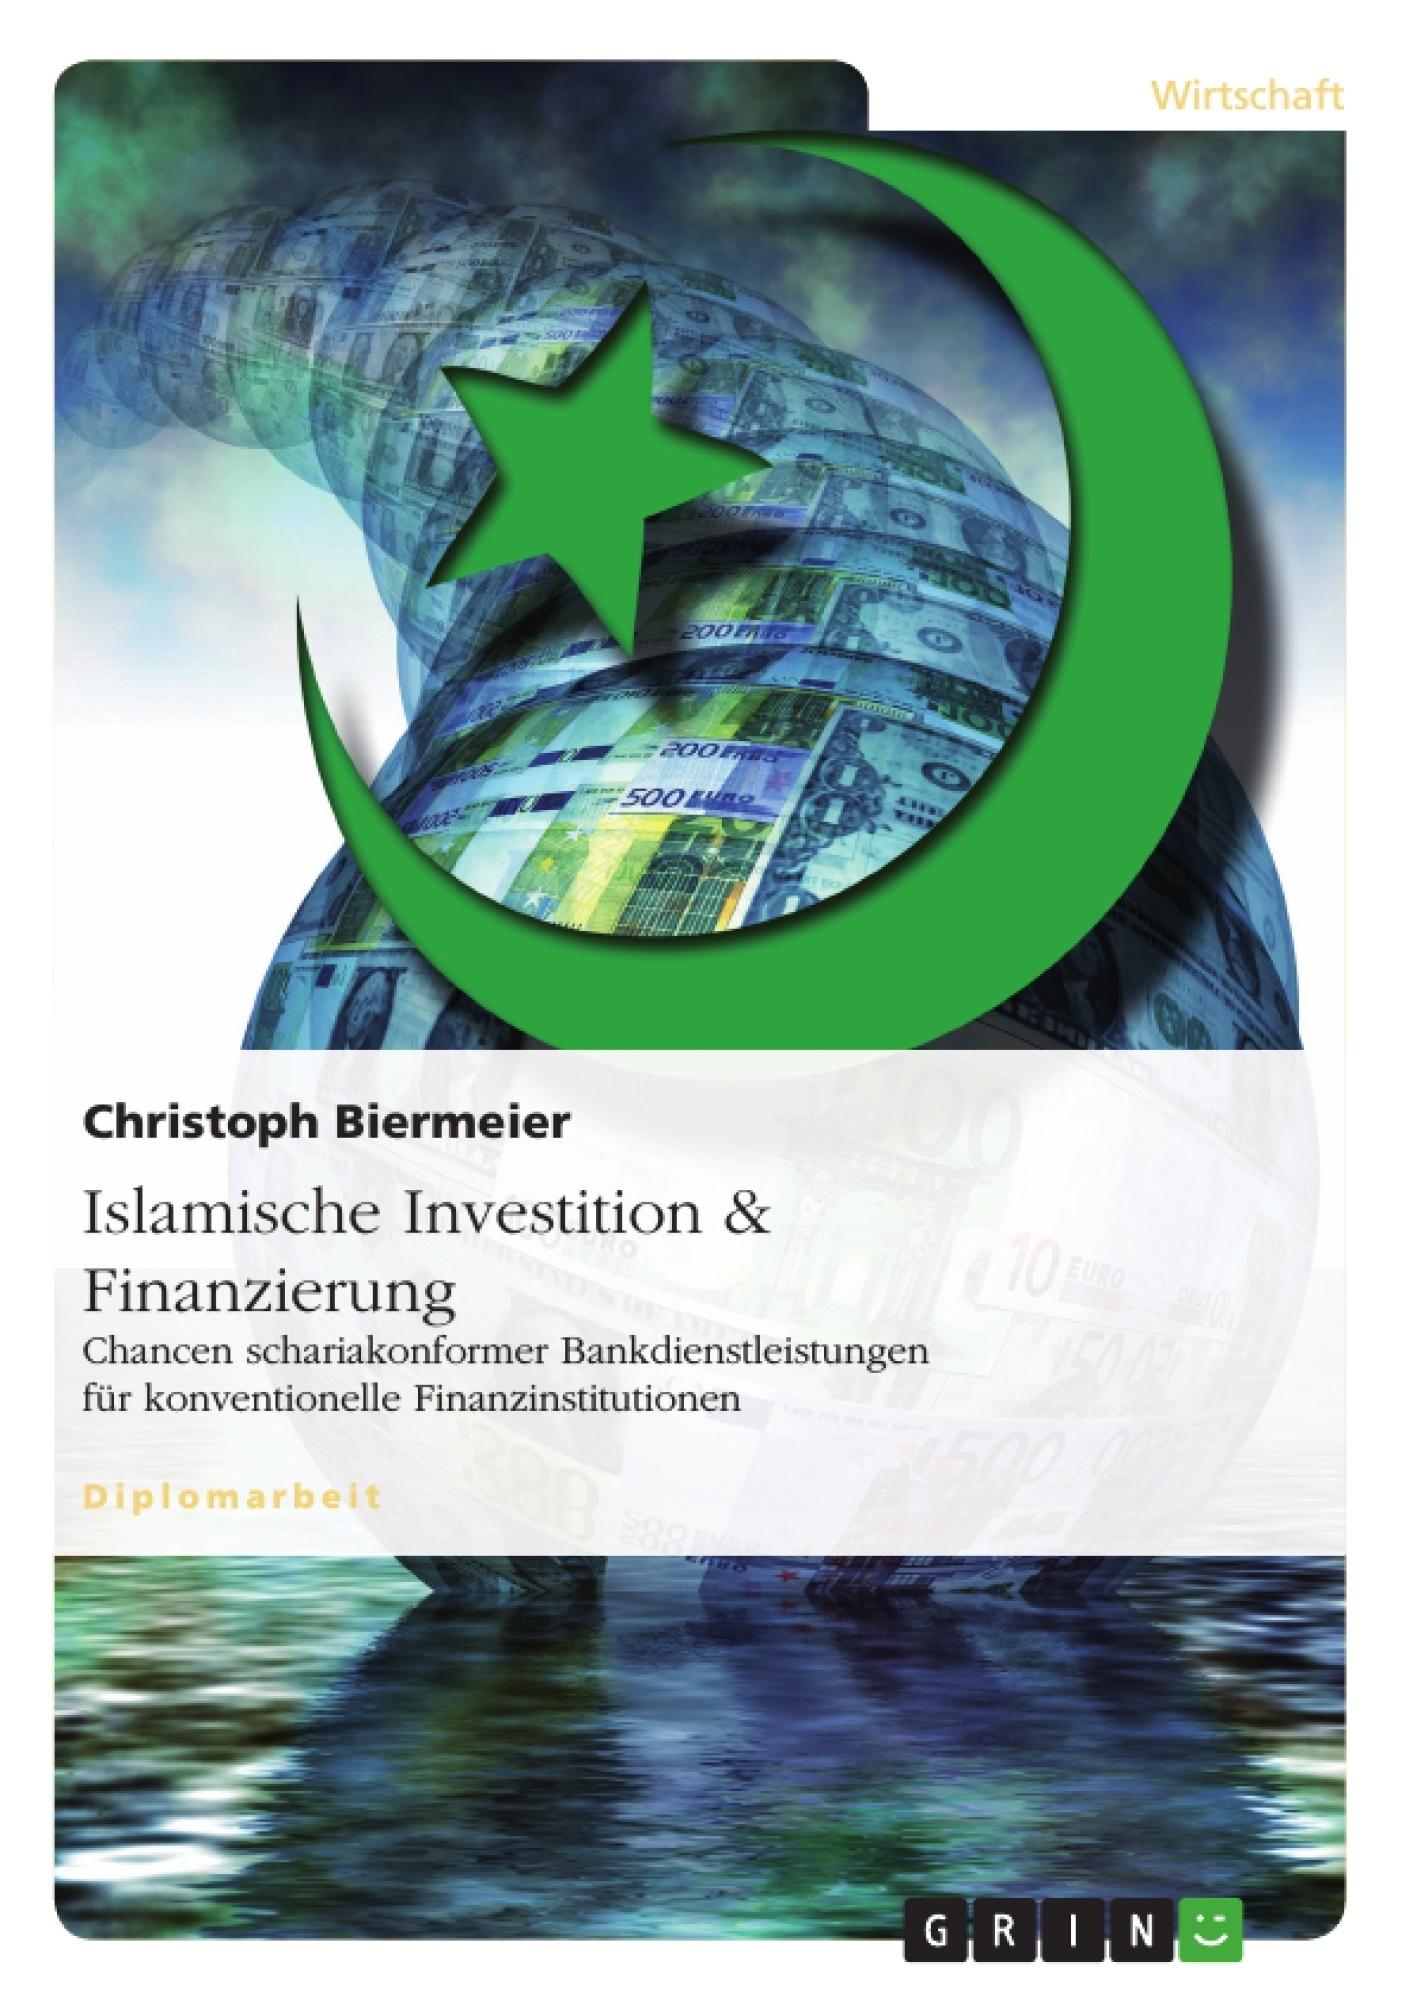 Titel: Islamische Investition & Finanzierung